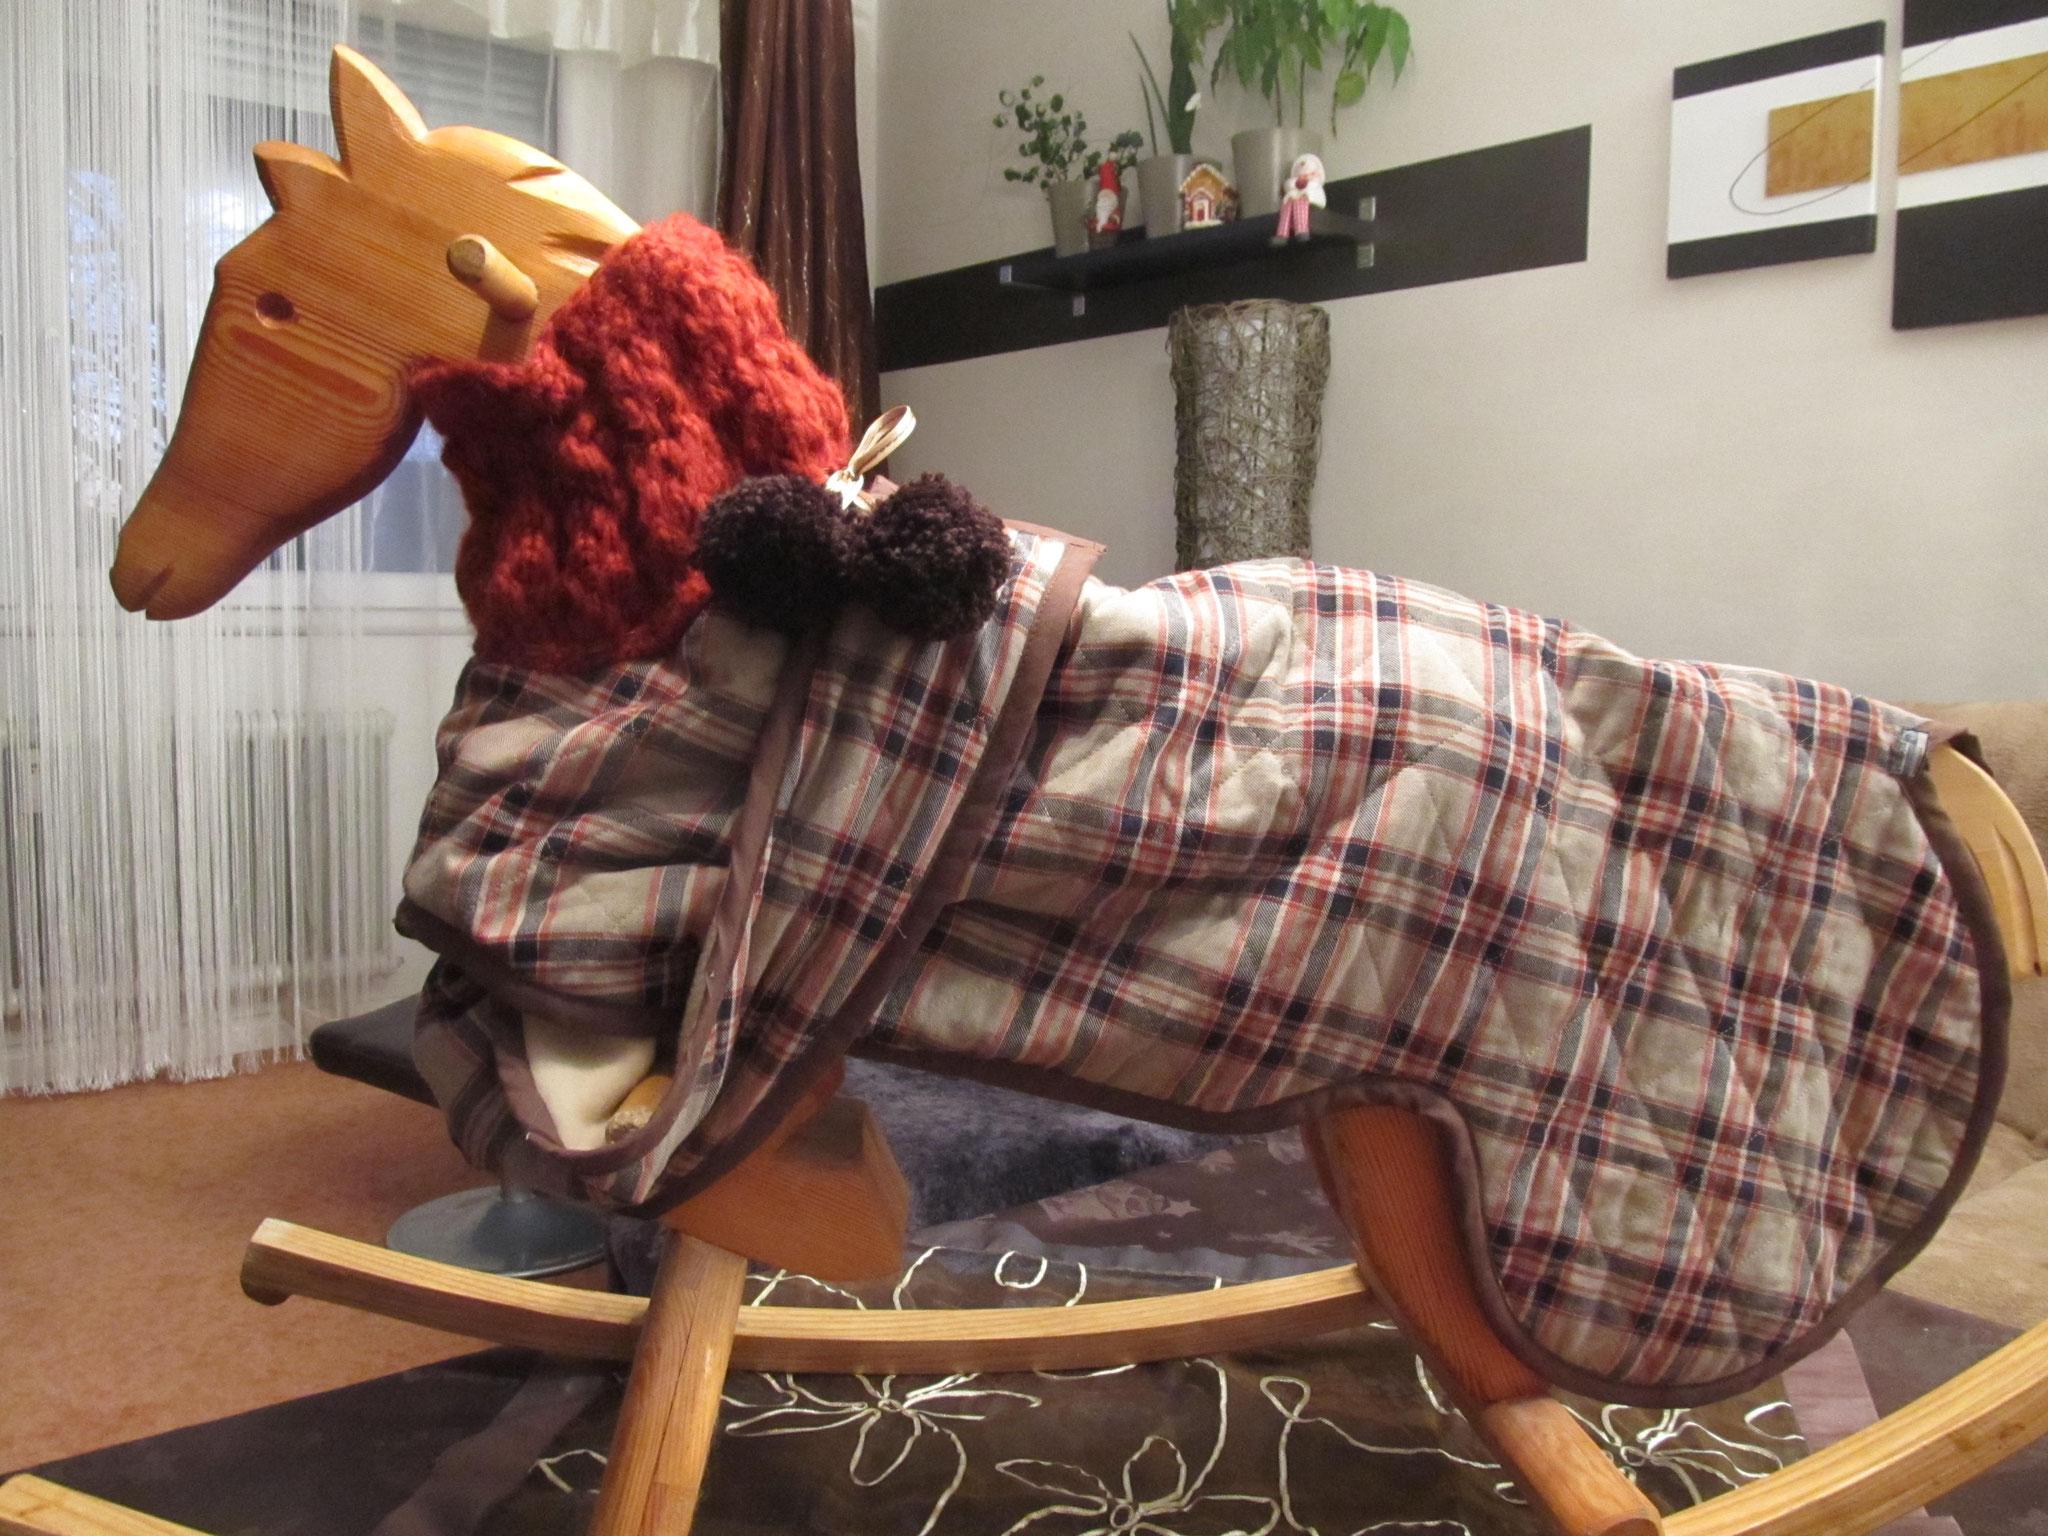 Mantel mit handgestricktem Wollkragen und Latz, Rücklänge 60 cm, Preis 130,00 €